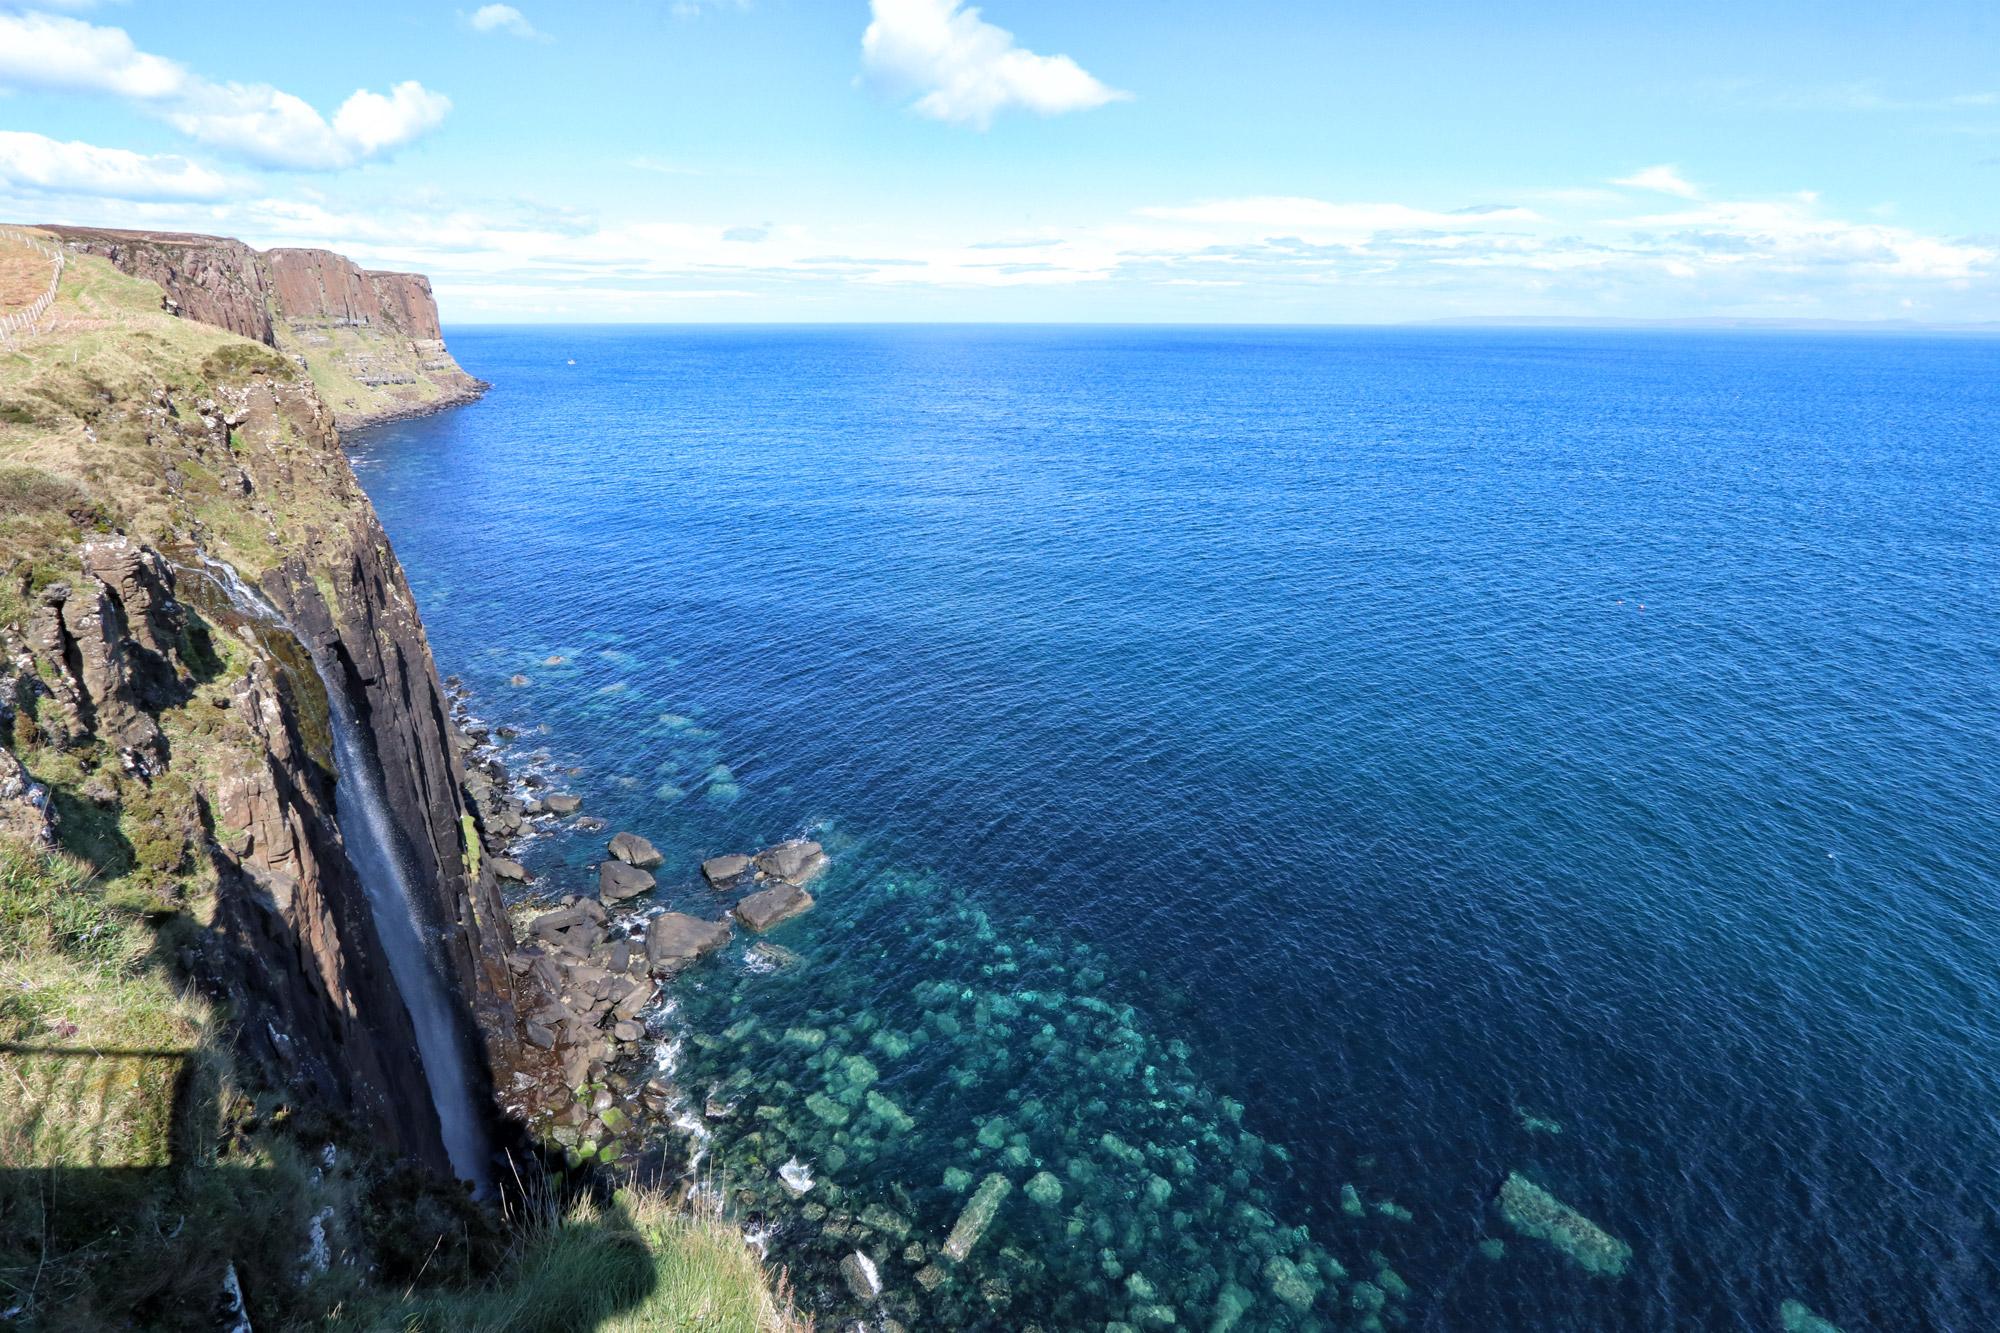 De hoogtepunten van Isle of Skye - Kilt Rock and Mealt Falls